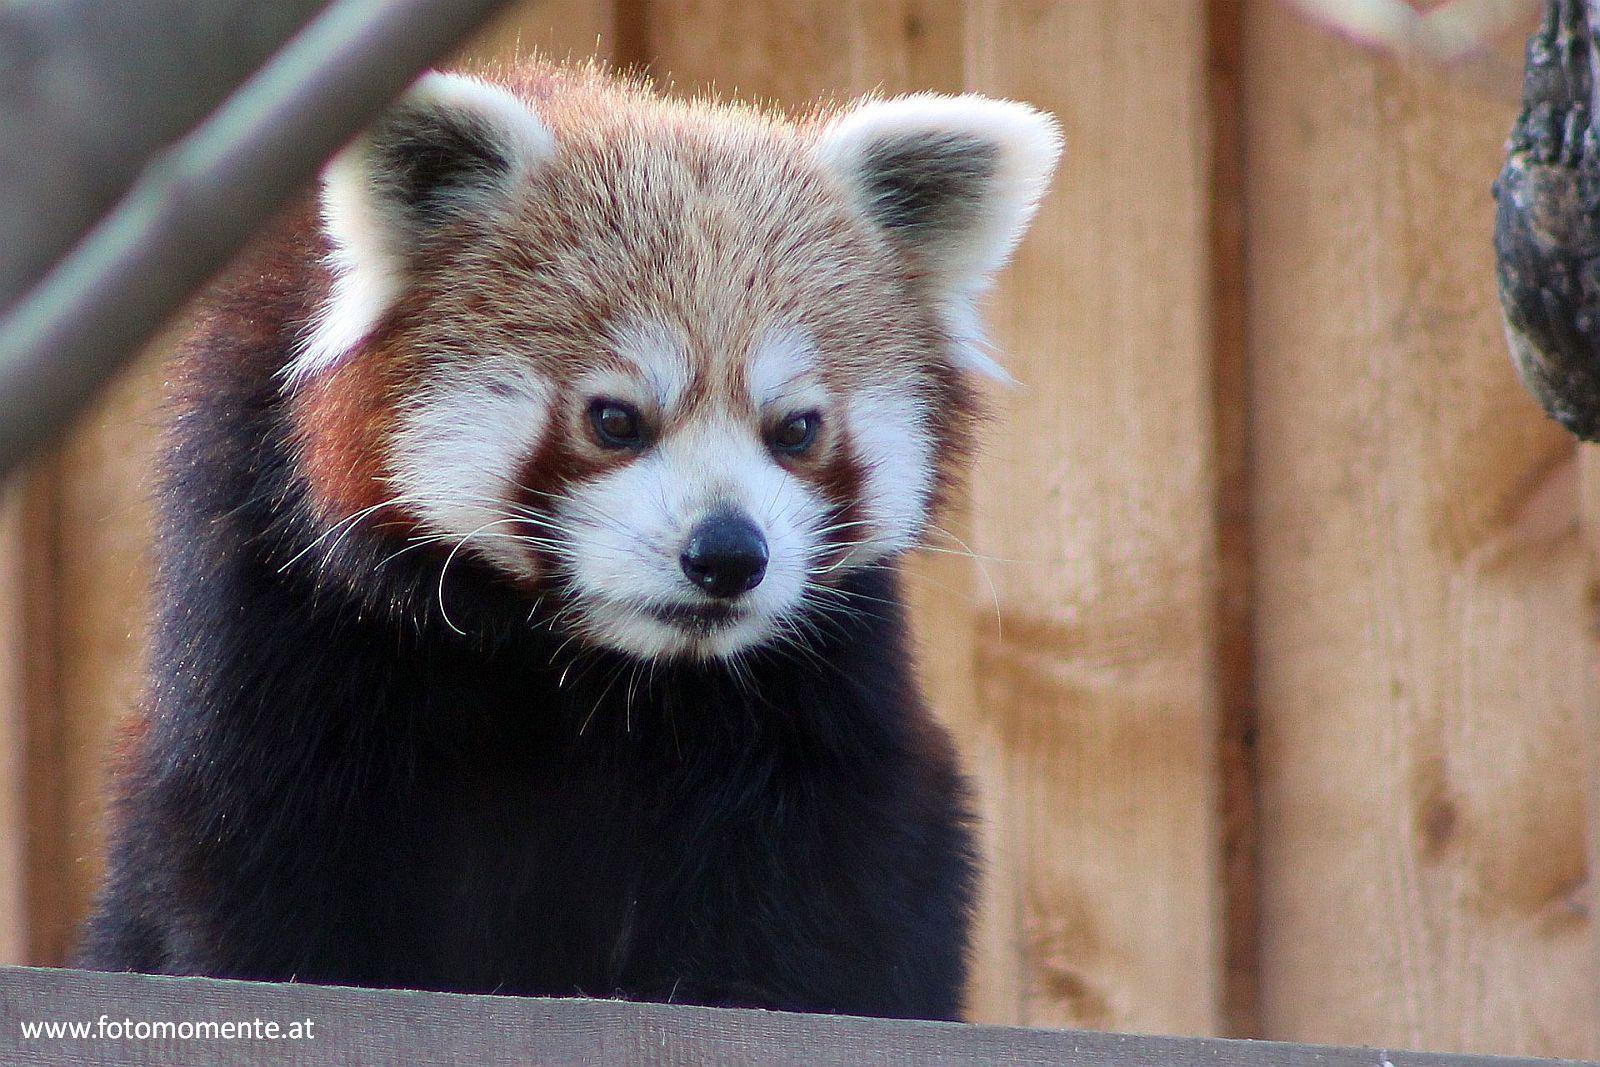 Kleiner Panda roter Panda katzenbaer feuerfuchs - Kleiner Panda auch roter Panda, Katzenbär oder Feuerfuchs